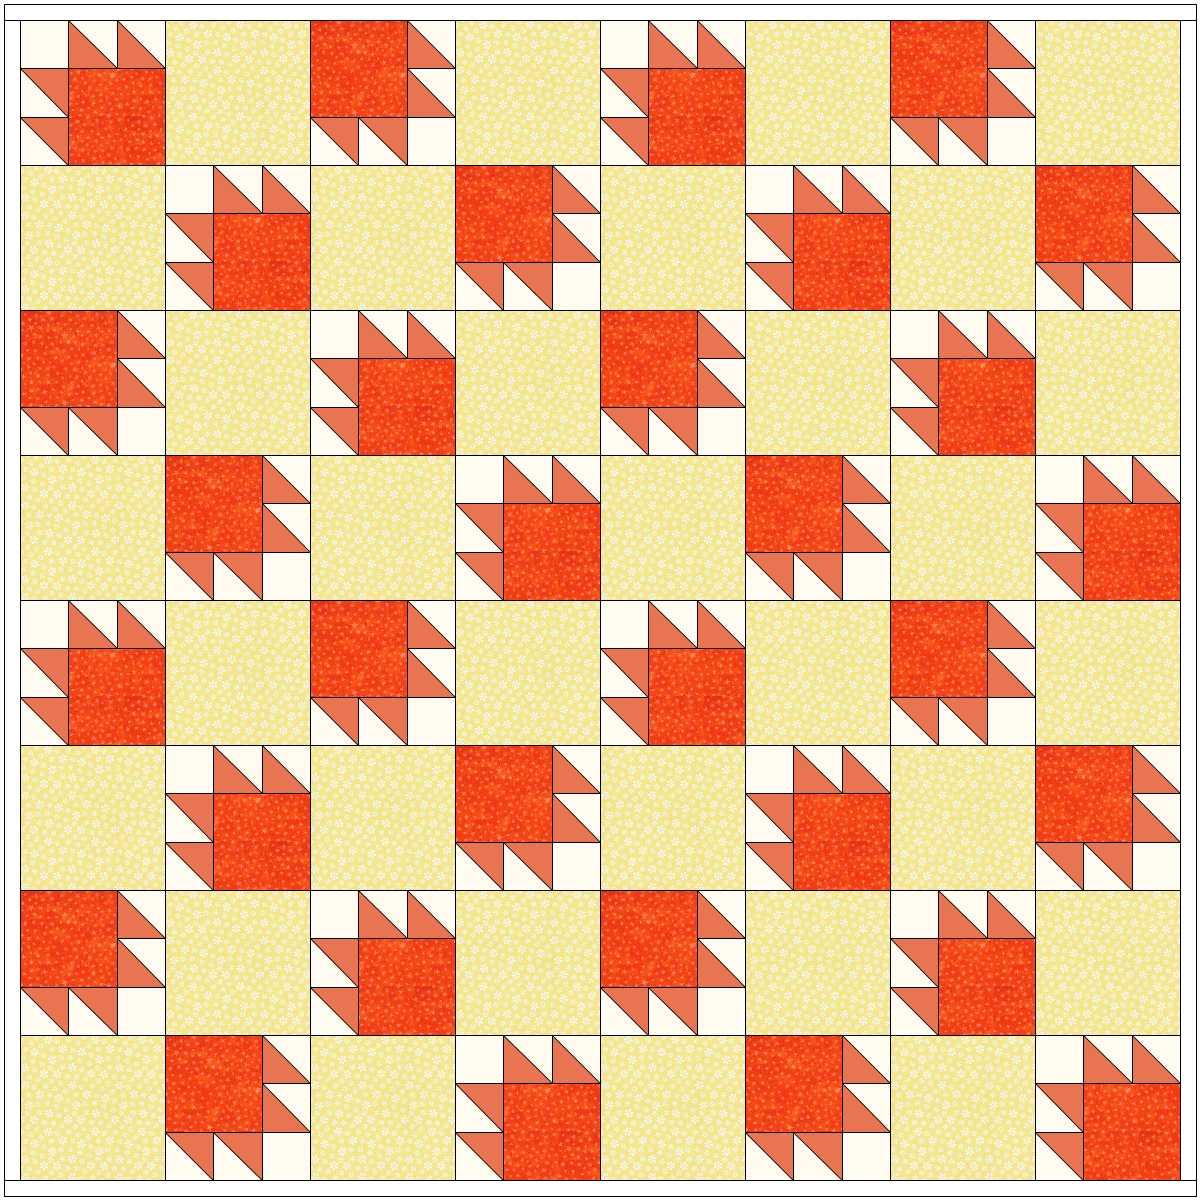 Bear Paws Alternating Blocks Reversing.jpg